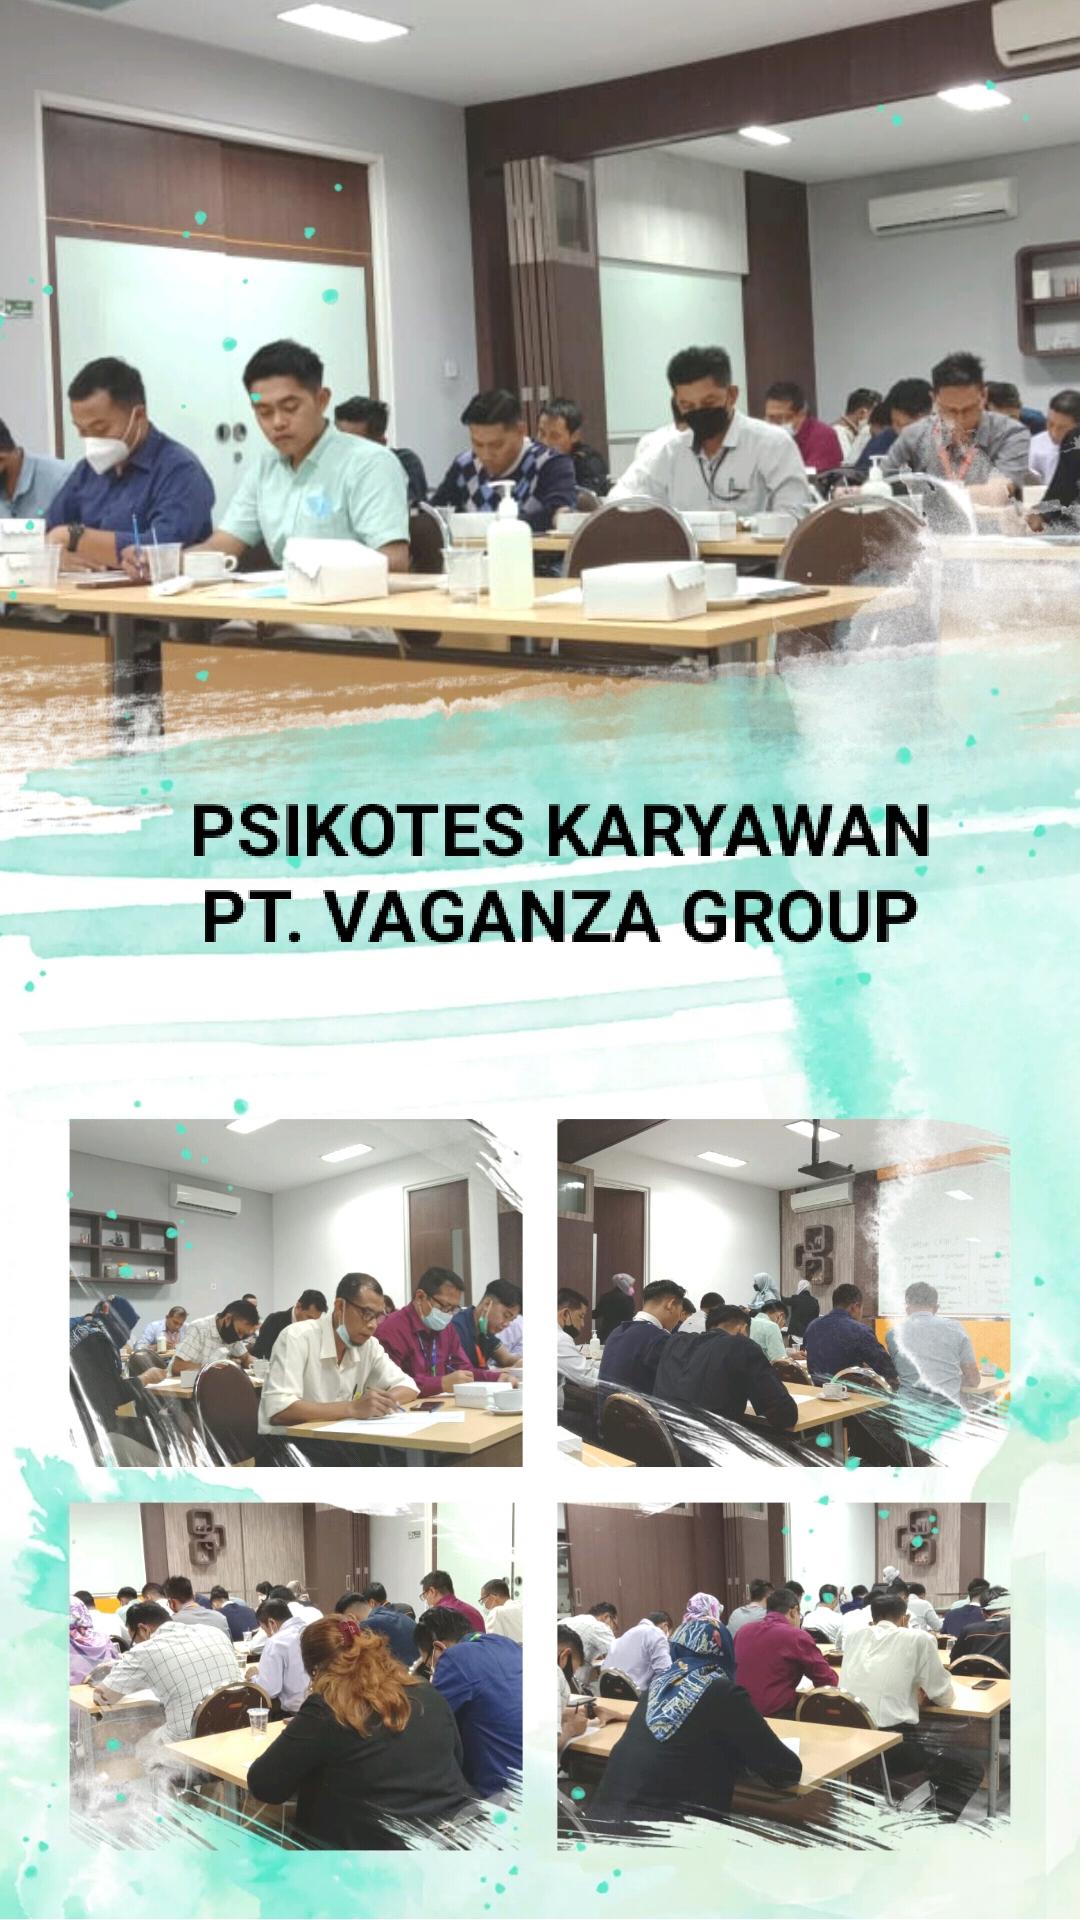 <p>Selasa, 8 Juni 2021</p><p>Griya psikologi UWP bekerjasama dengan PT. vaganza Group dalam pelaksanaan psikotes untuk potensi Review</p>